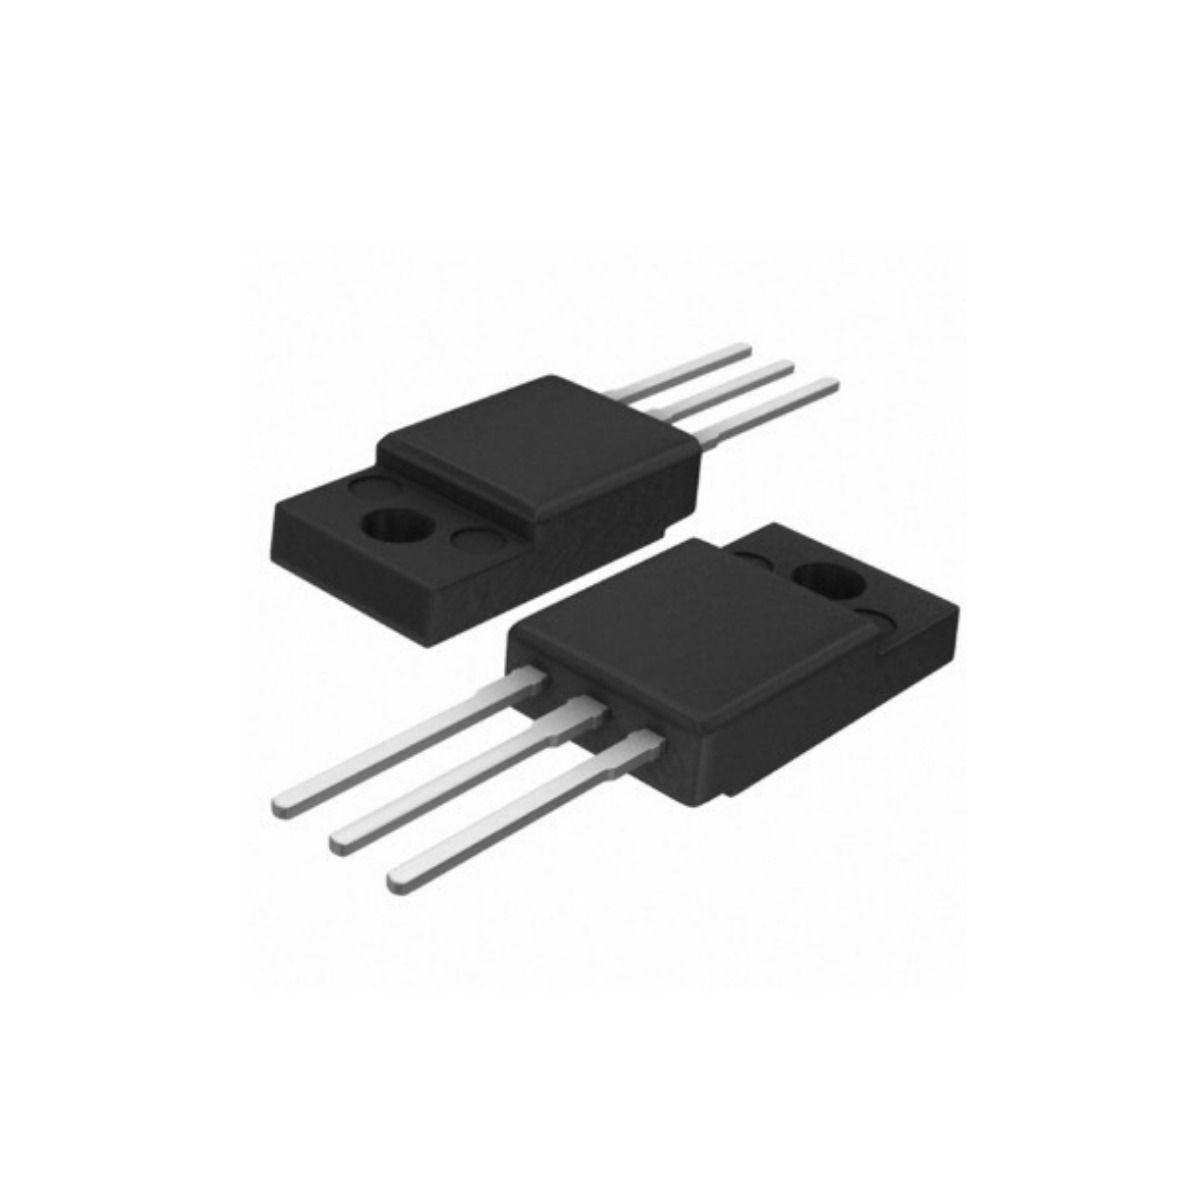 5 Peças De Transistor Mosfet Std 1703l D1703l  novo